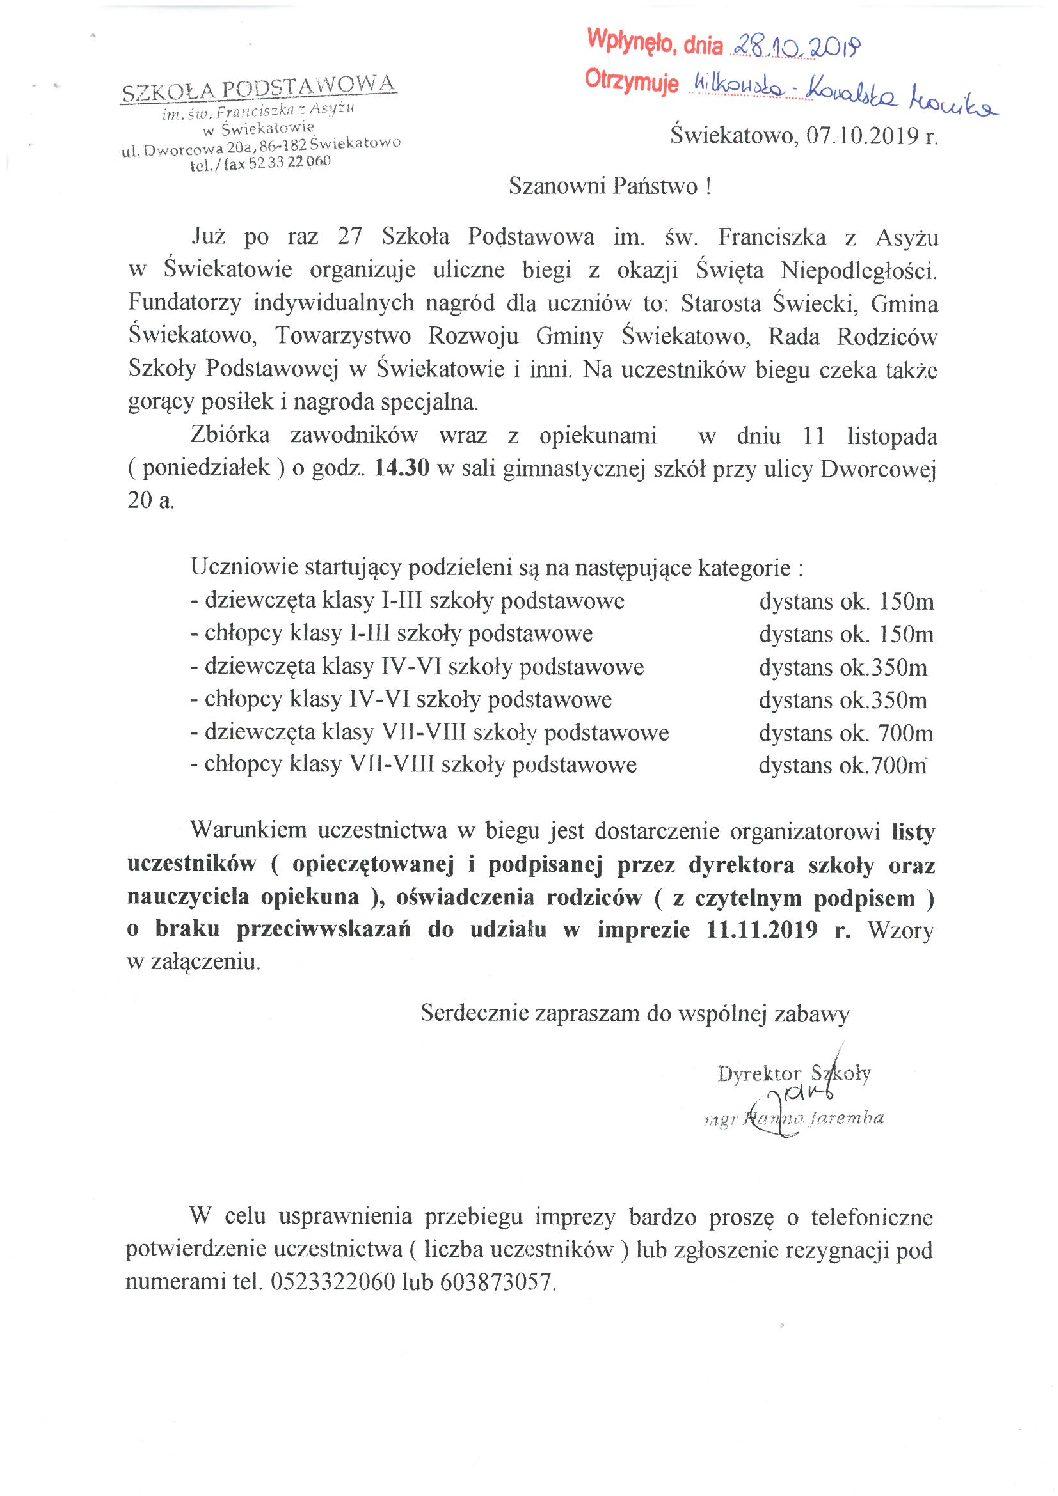 Szkoła Podstawowa w Świekatowie organizuje zawody – zachęcamy do udziału